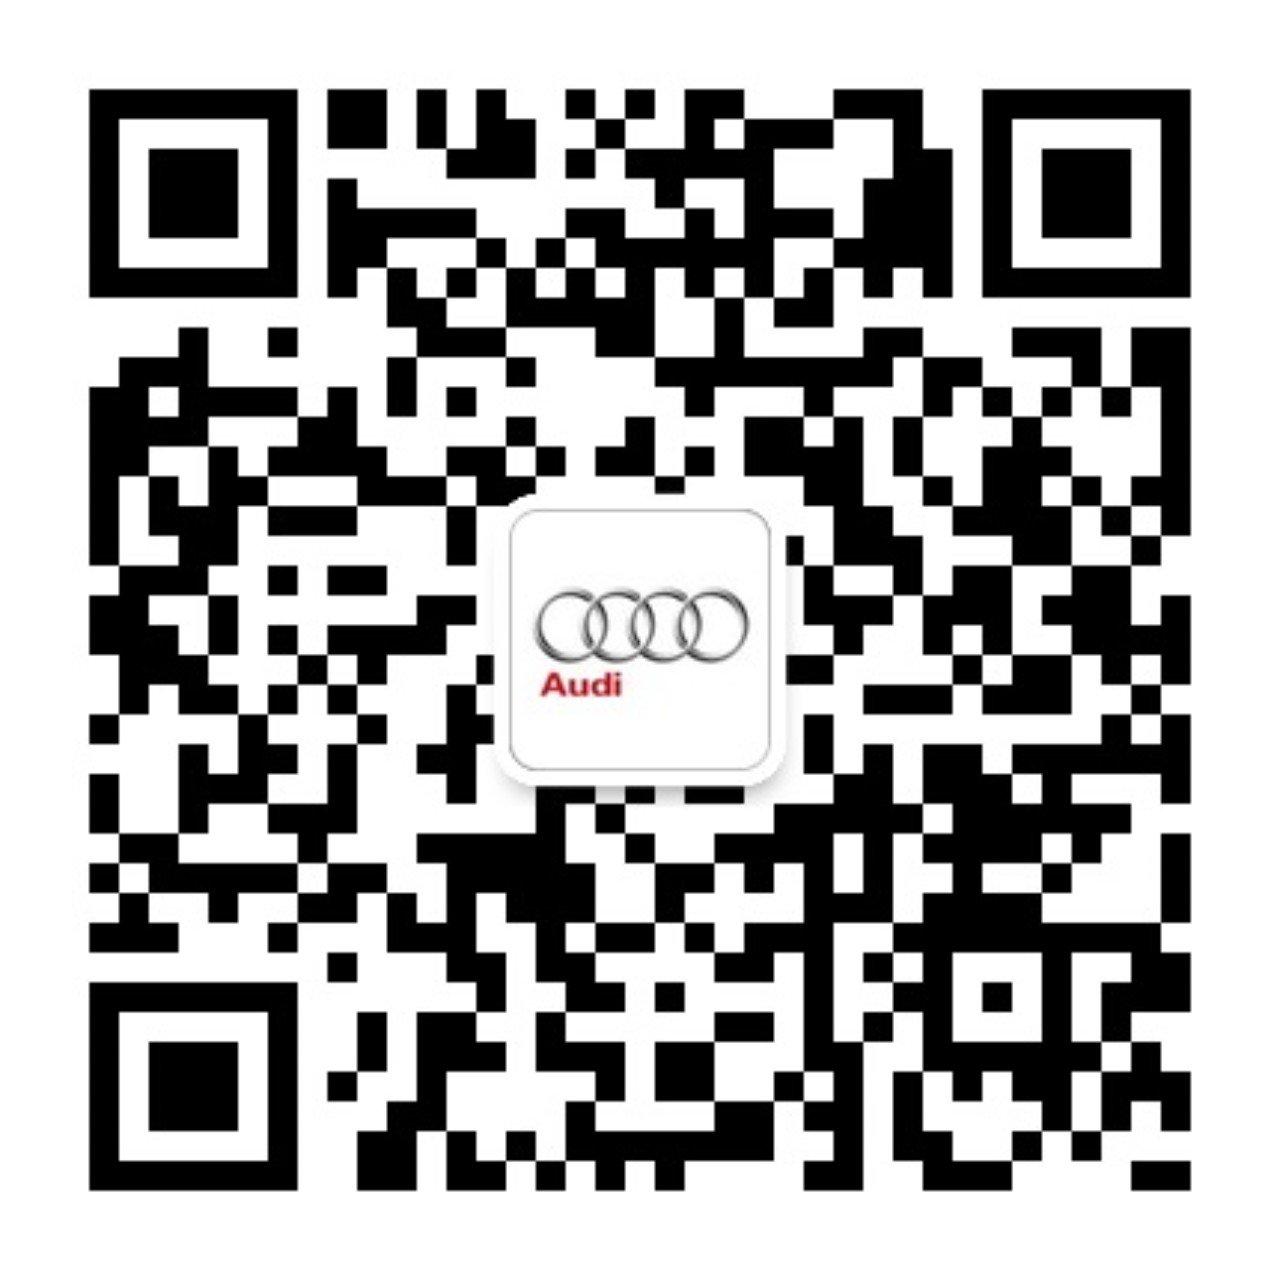 湘潭鑫奥奥迪二维码